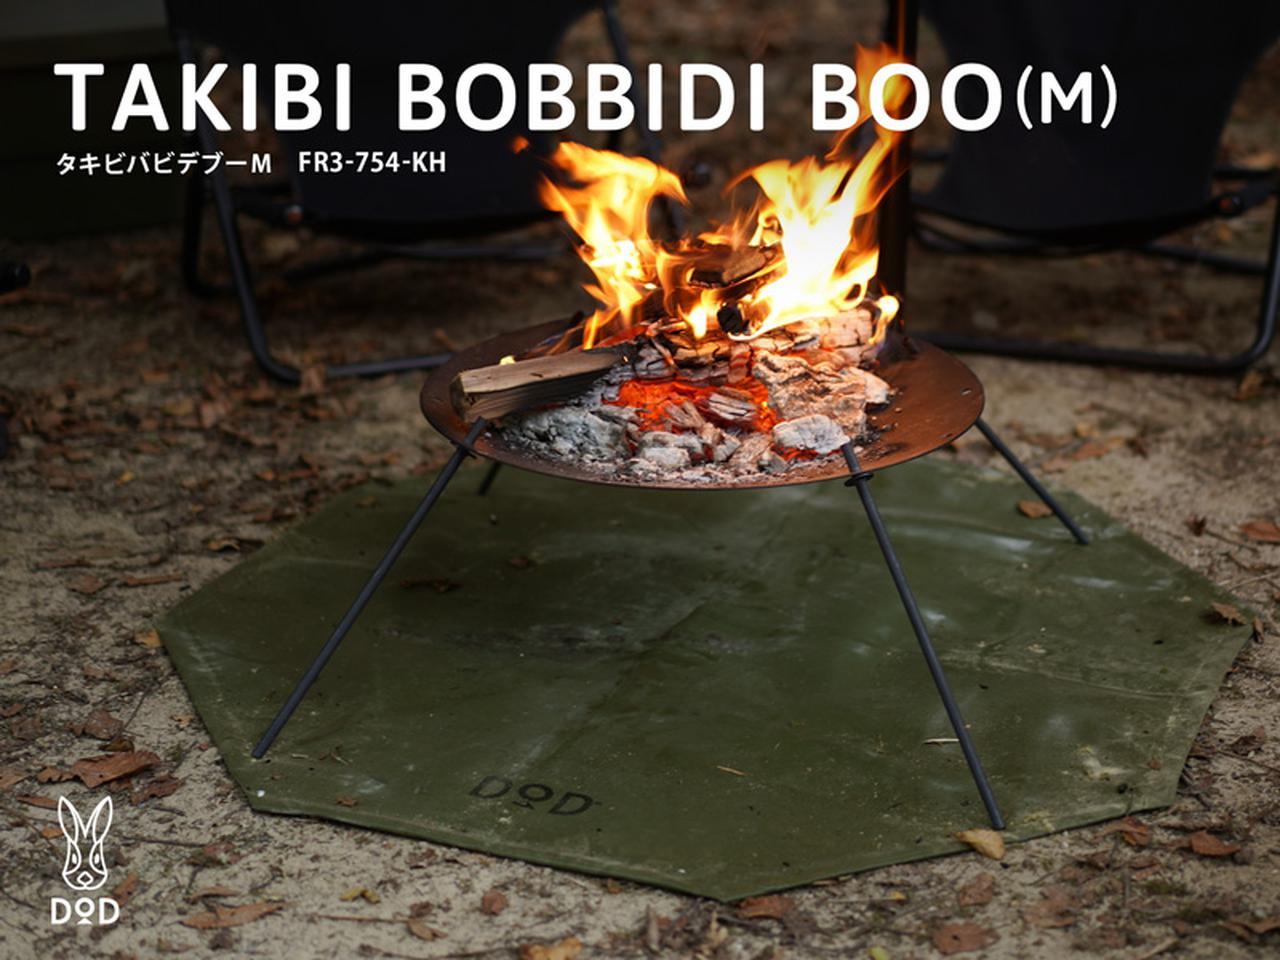 画像: タキビバビデブーM FR3-754-KH - DOD(ディーオーディー):キャンプ用品ブランド